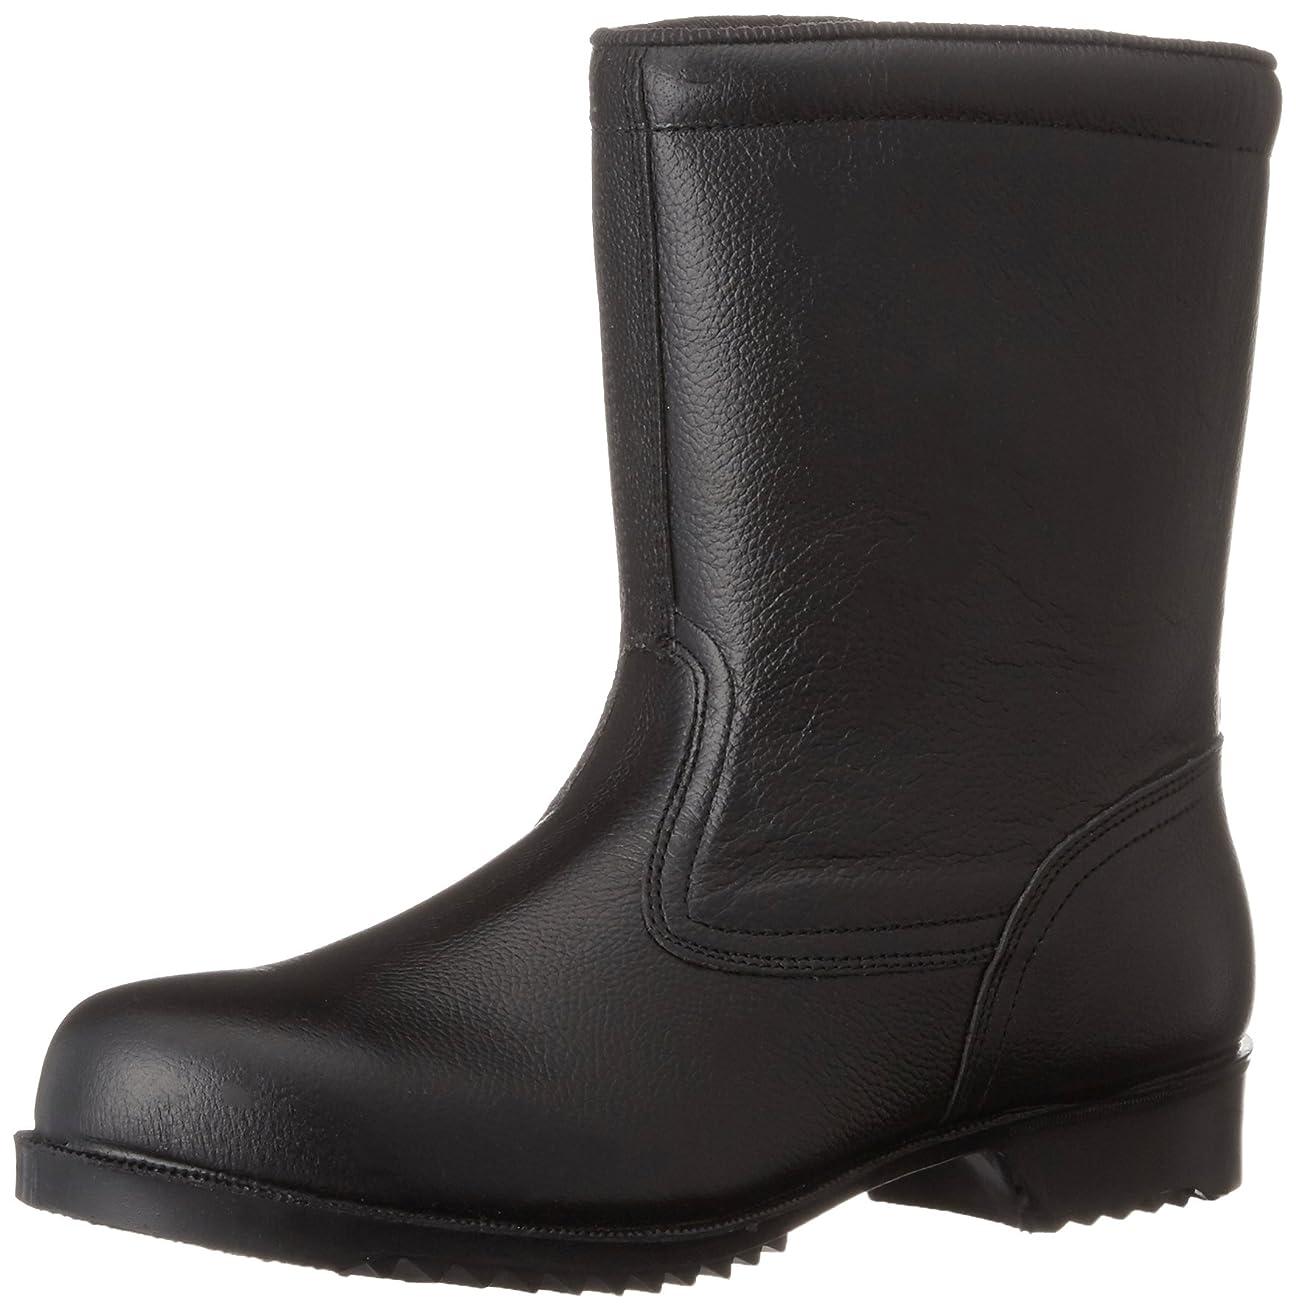 純度技術者寄稿者[ミドリ安全] 安全靴 JIS規格 耐滑ゴム底 半長靴 V2400N 耐滑 メンズ